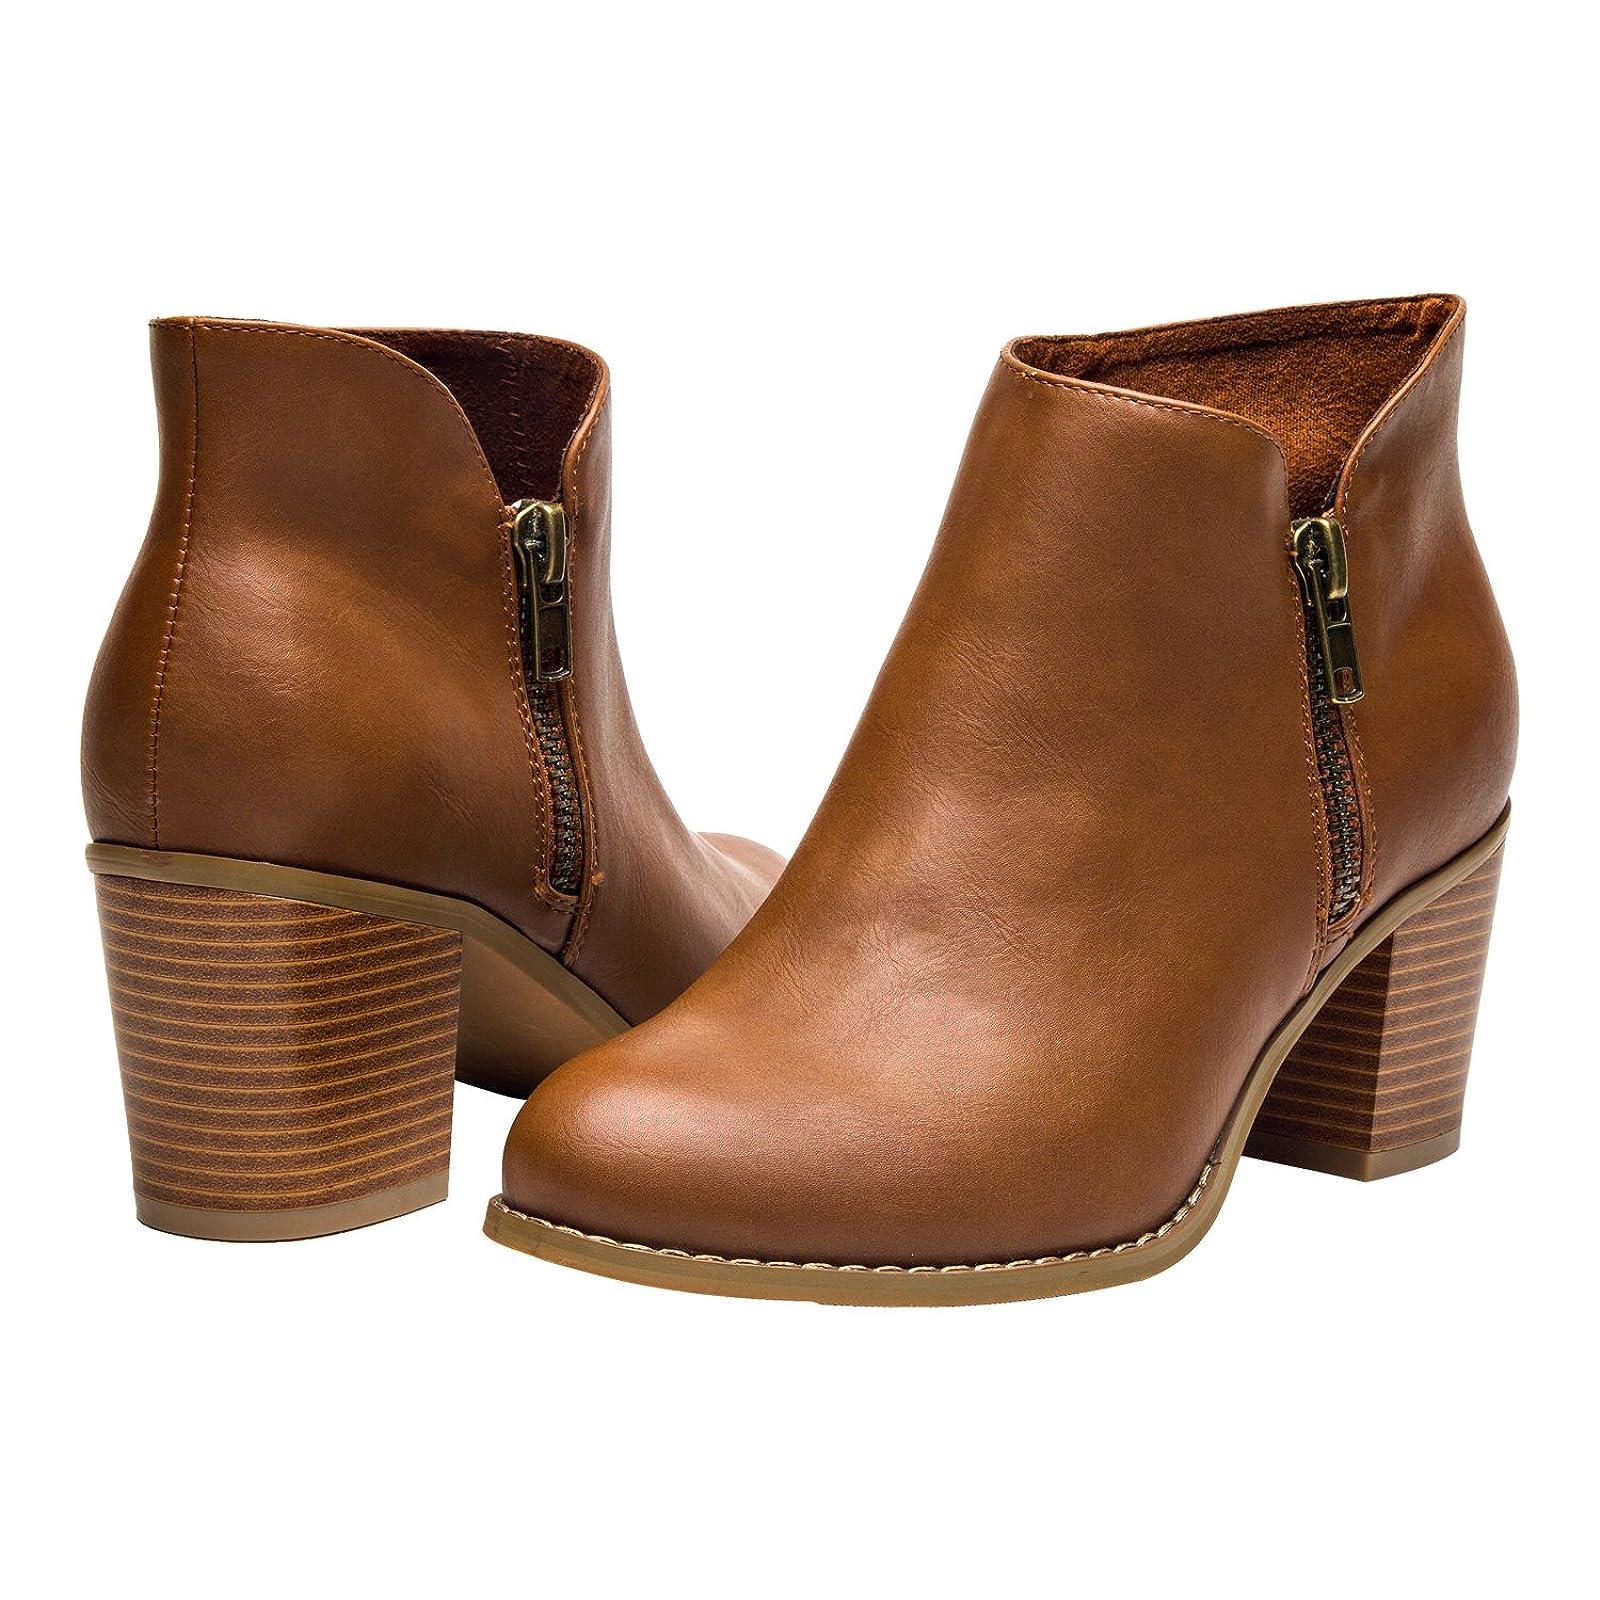 Luoika Plus Size Wide Width Ankle BootsWomen - 2